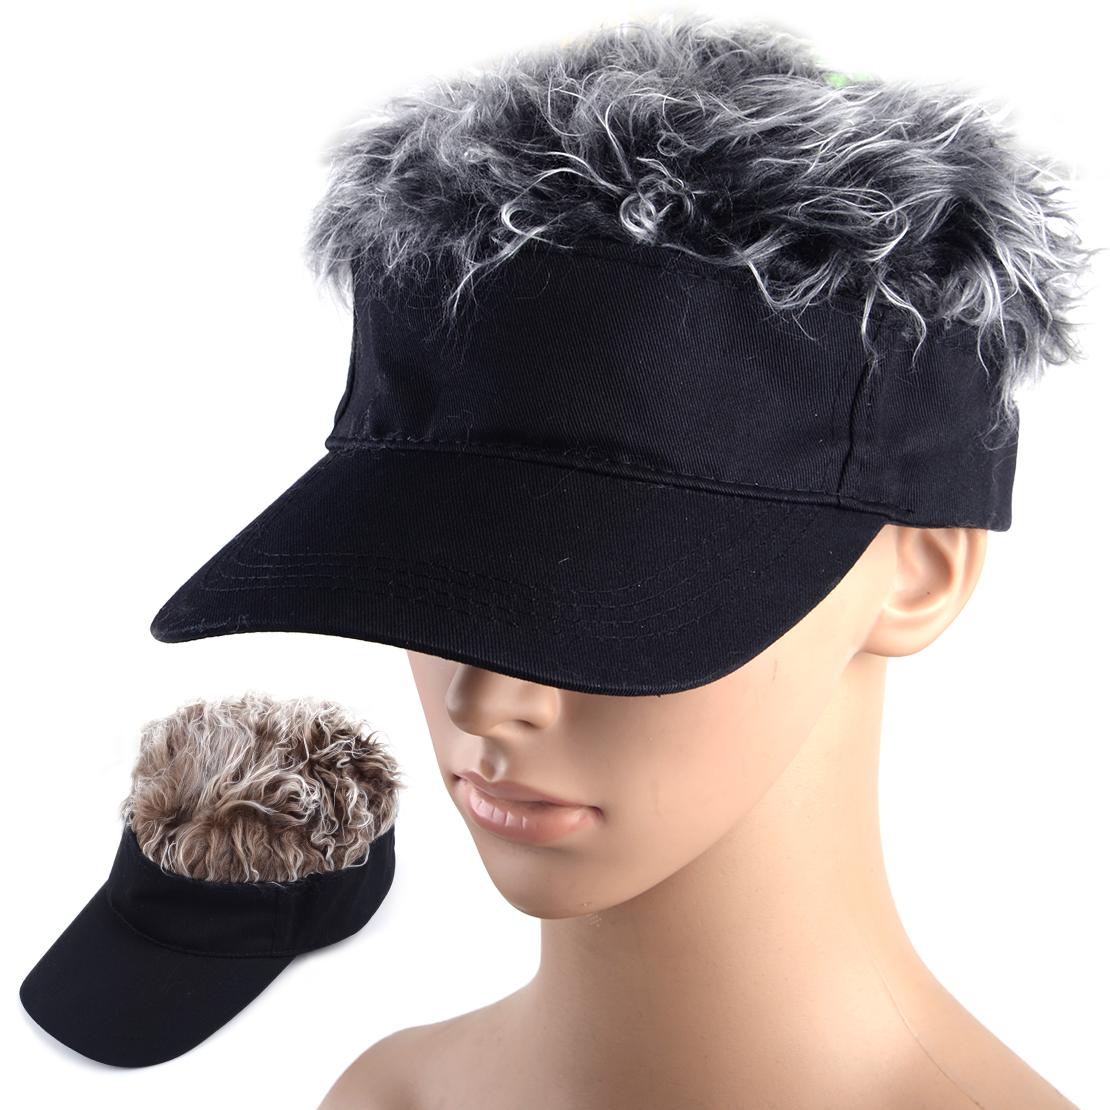 BROWN BLACK Toupee Wig Hairpiece Baseball Hat Sun Visor Cap Hook Loop rt